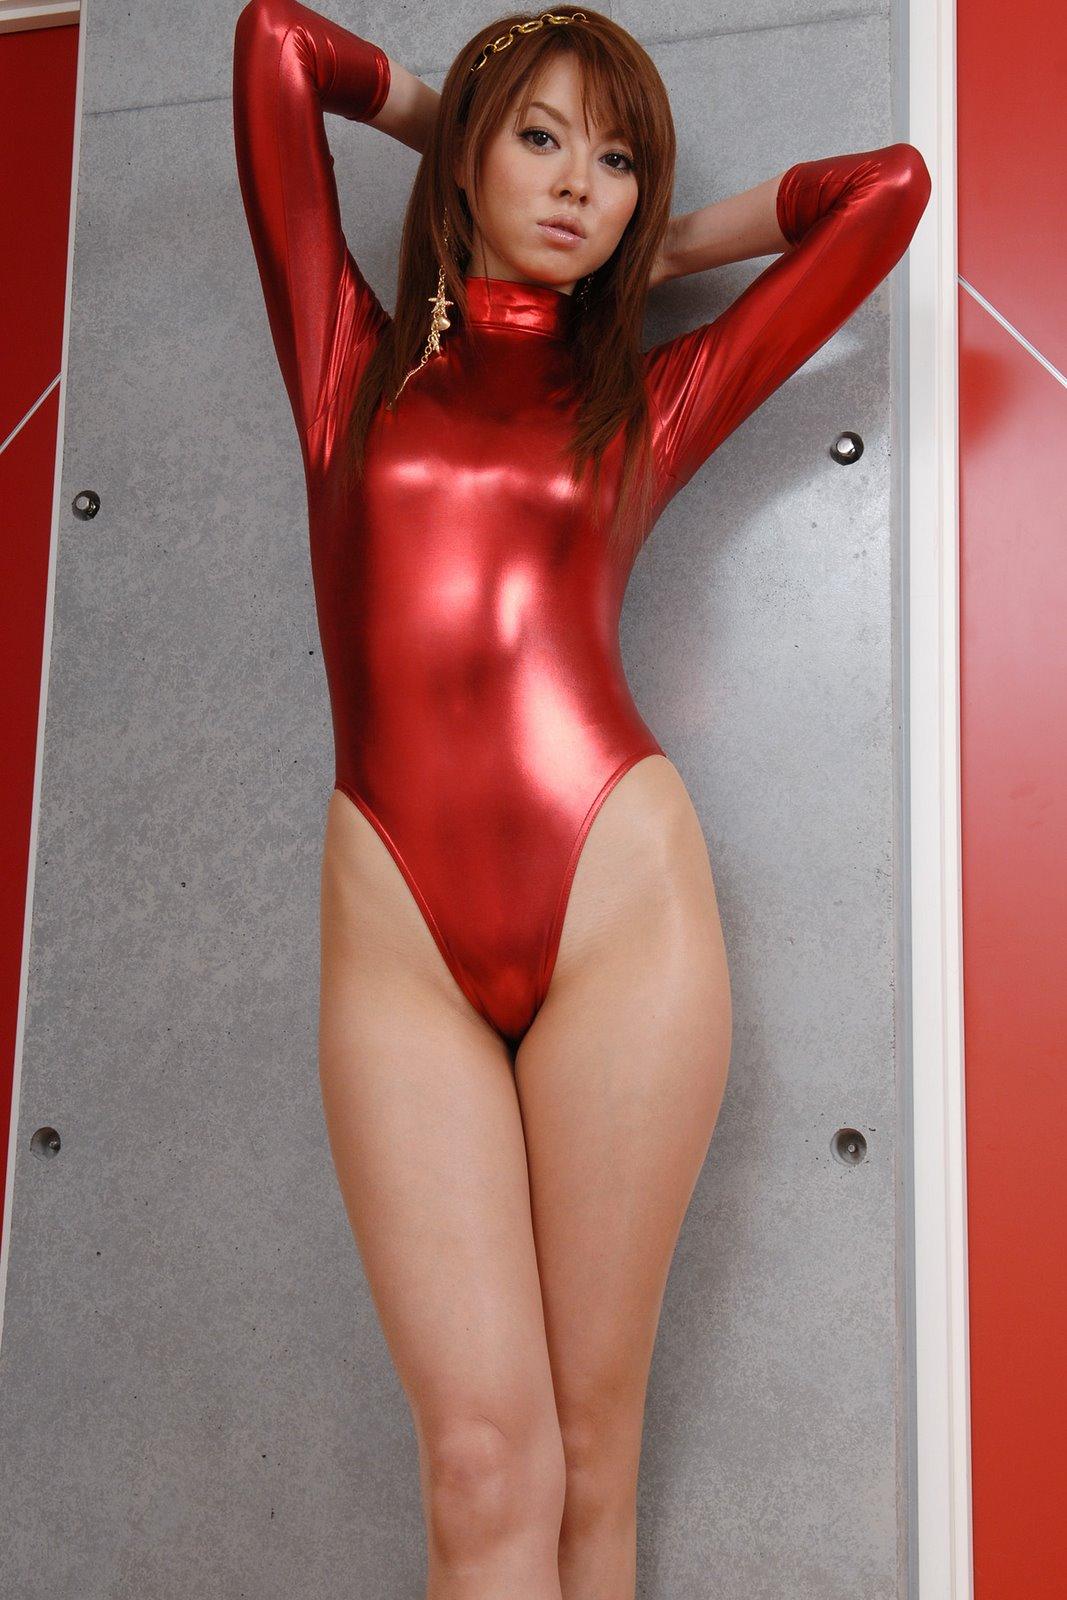 【コスプレ画像】食い込みノーブラが基本wwwレオタード纏ったムチムチ女体 08